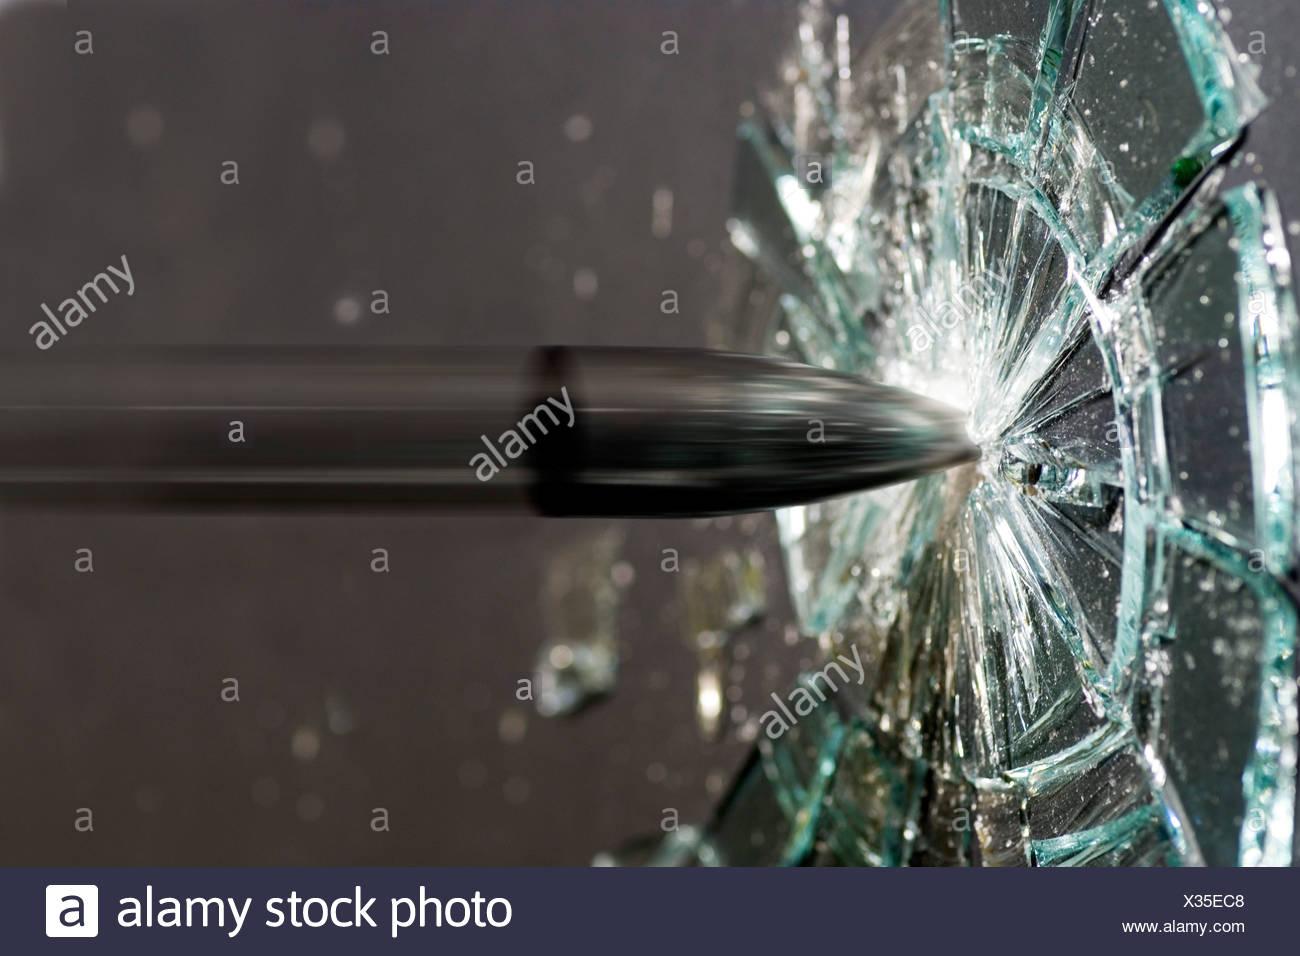 Ziemlich Maschendraht Kugeln Fotos - Elektrische Schaltplan-Ideen ...